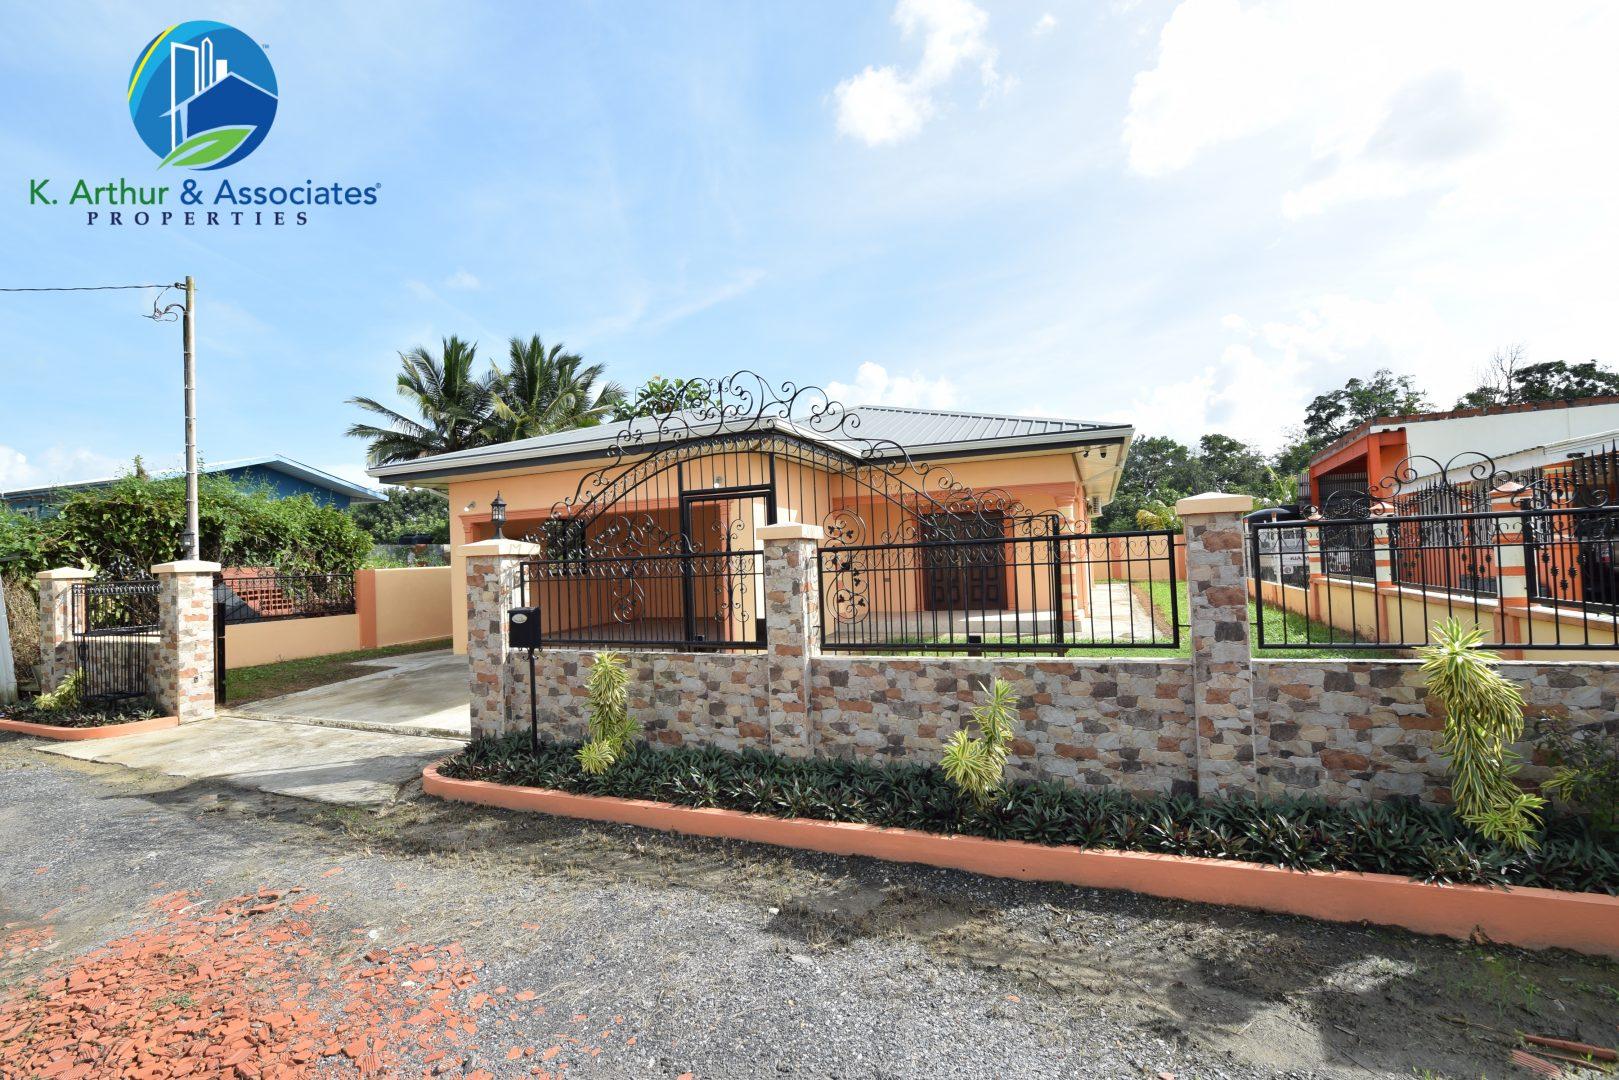 Longdenville Home For Sale!!! Price: $1,600,000.00TT (negotiable)